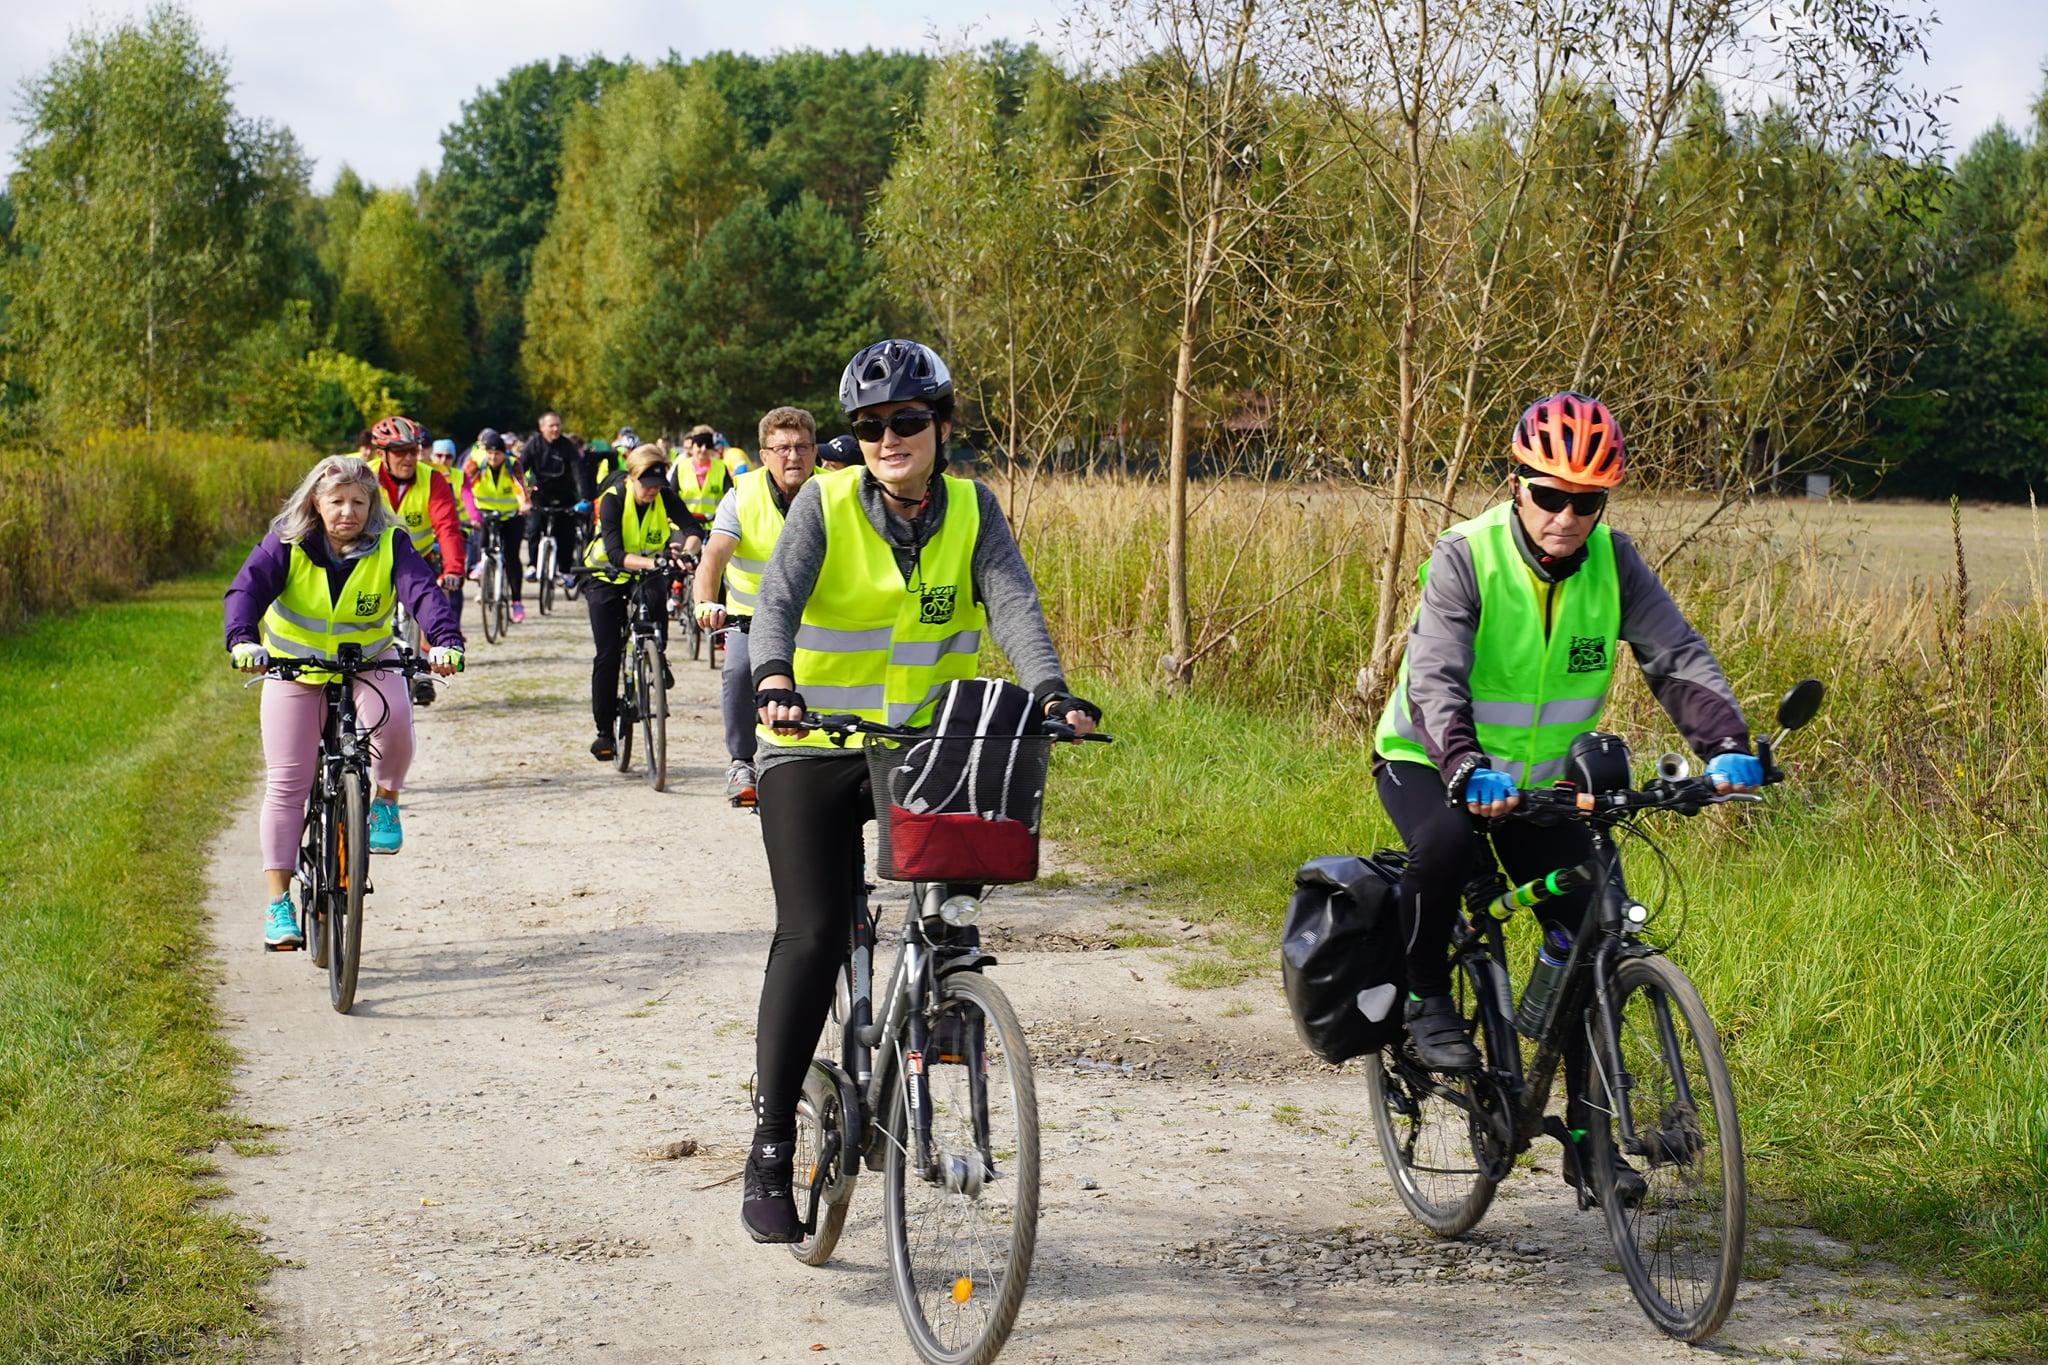 """Blisko 120 osób wzięło udział w rajdzie """"Łęczna na rowery"""" (ZDJĘCIA) - Zdjęcie główne"""